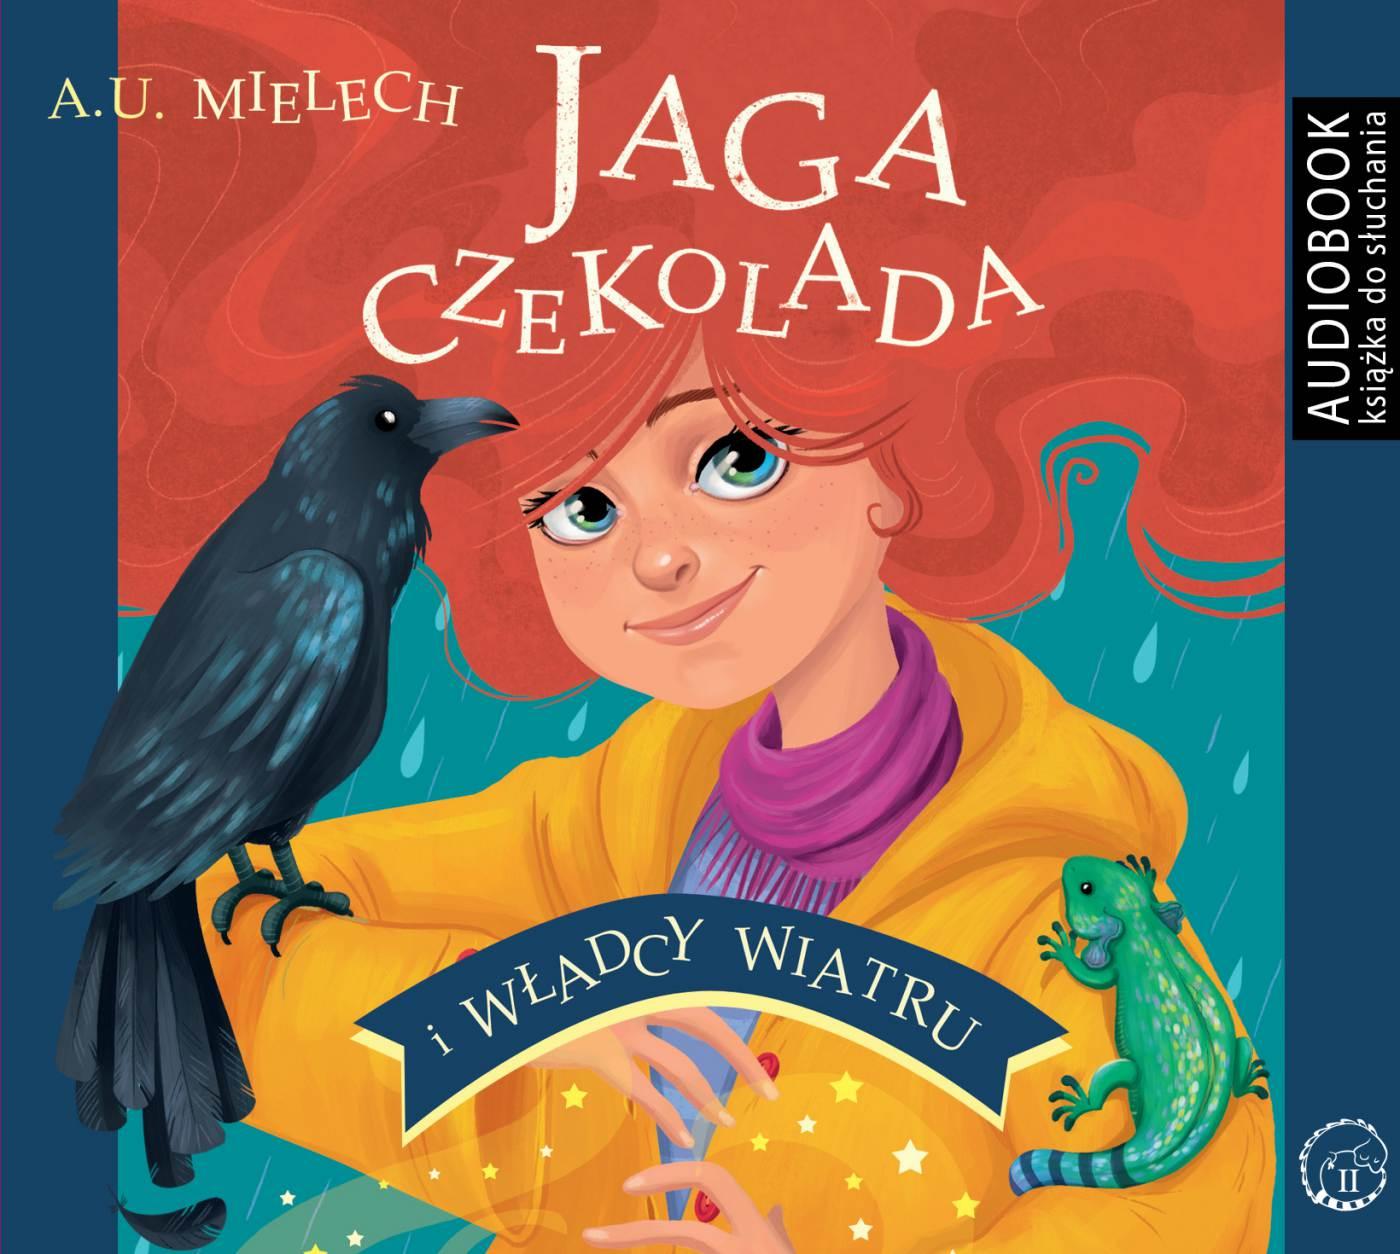 Jaga Czekolada i Władcy wiatru - Audiobook (Książka audio MP3) do pobrania w całości w archiwum ZIP